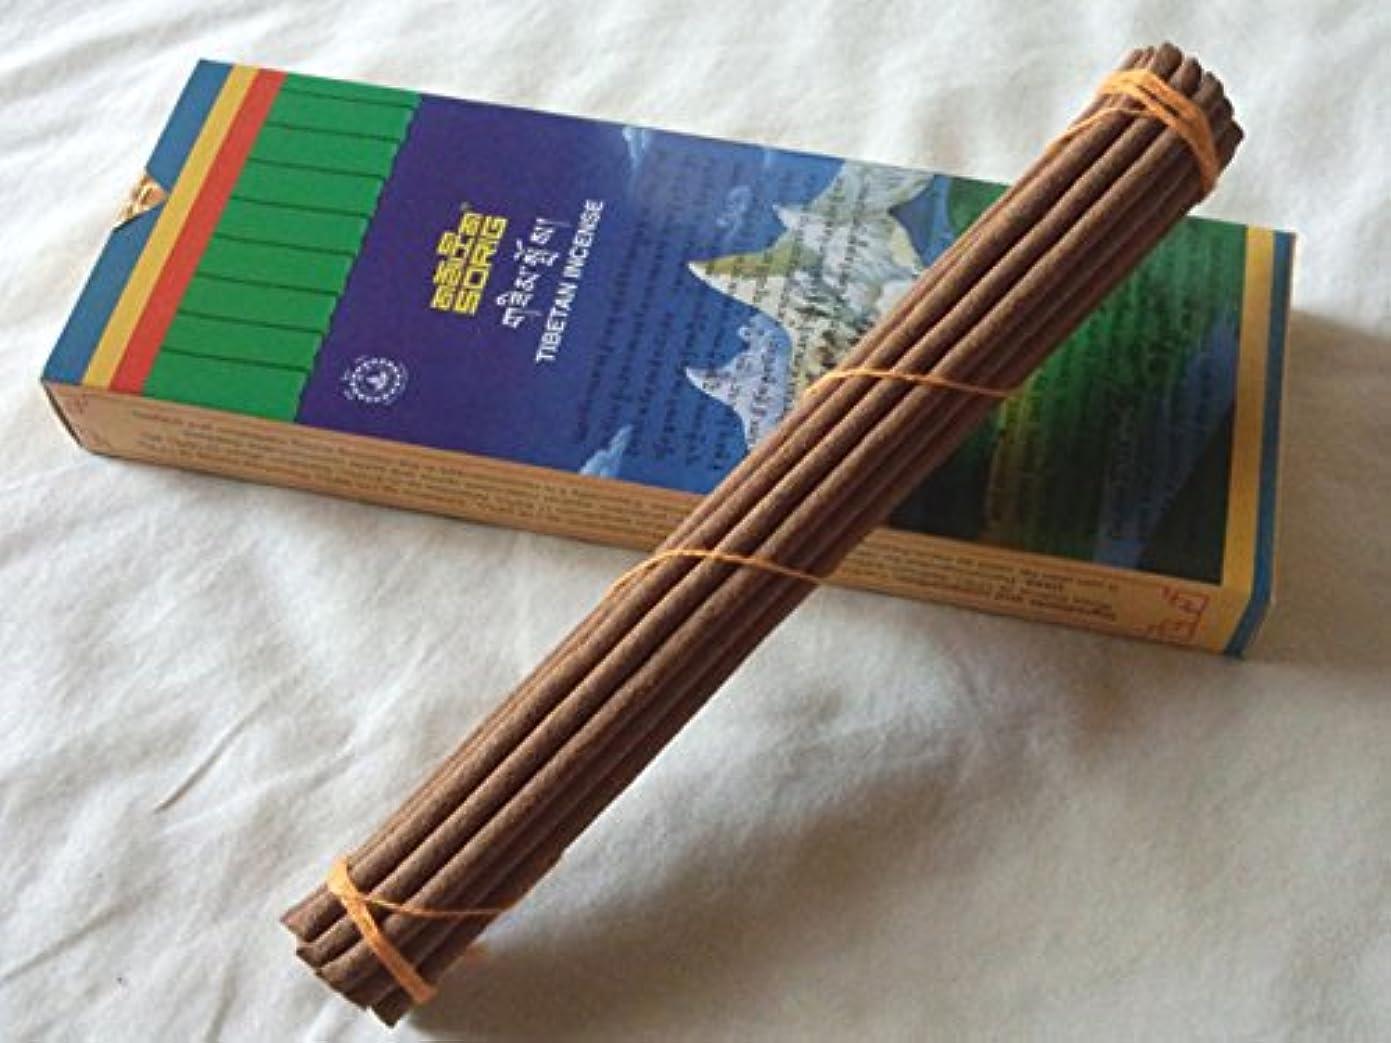 ウェーハ魅惑するウェブMen-Tsee-Khang/メンツィカンのお香-お徳用トリプル SORIG Tibetan Incense big 約20本入×3束